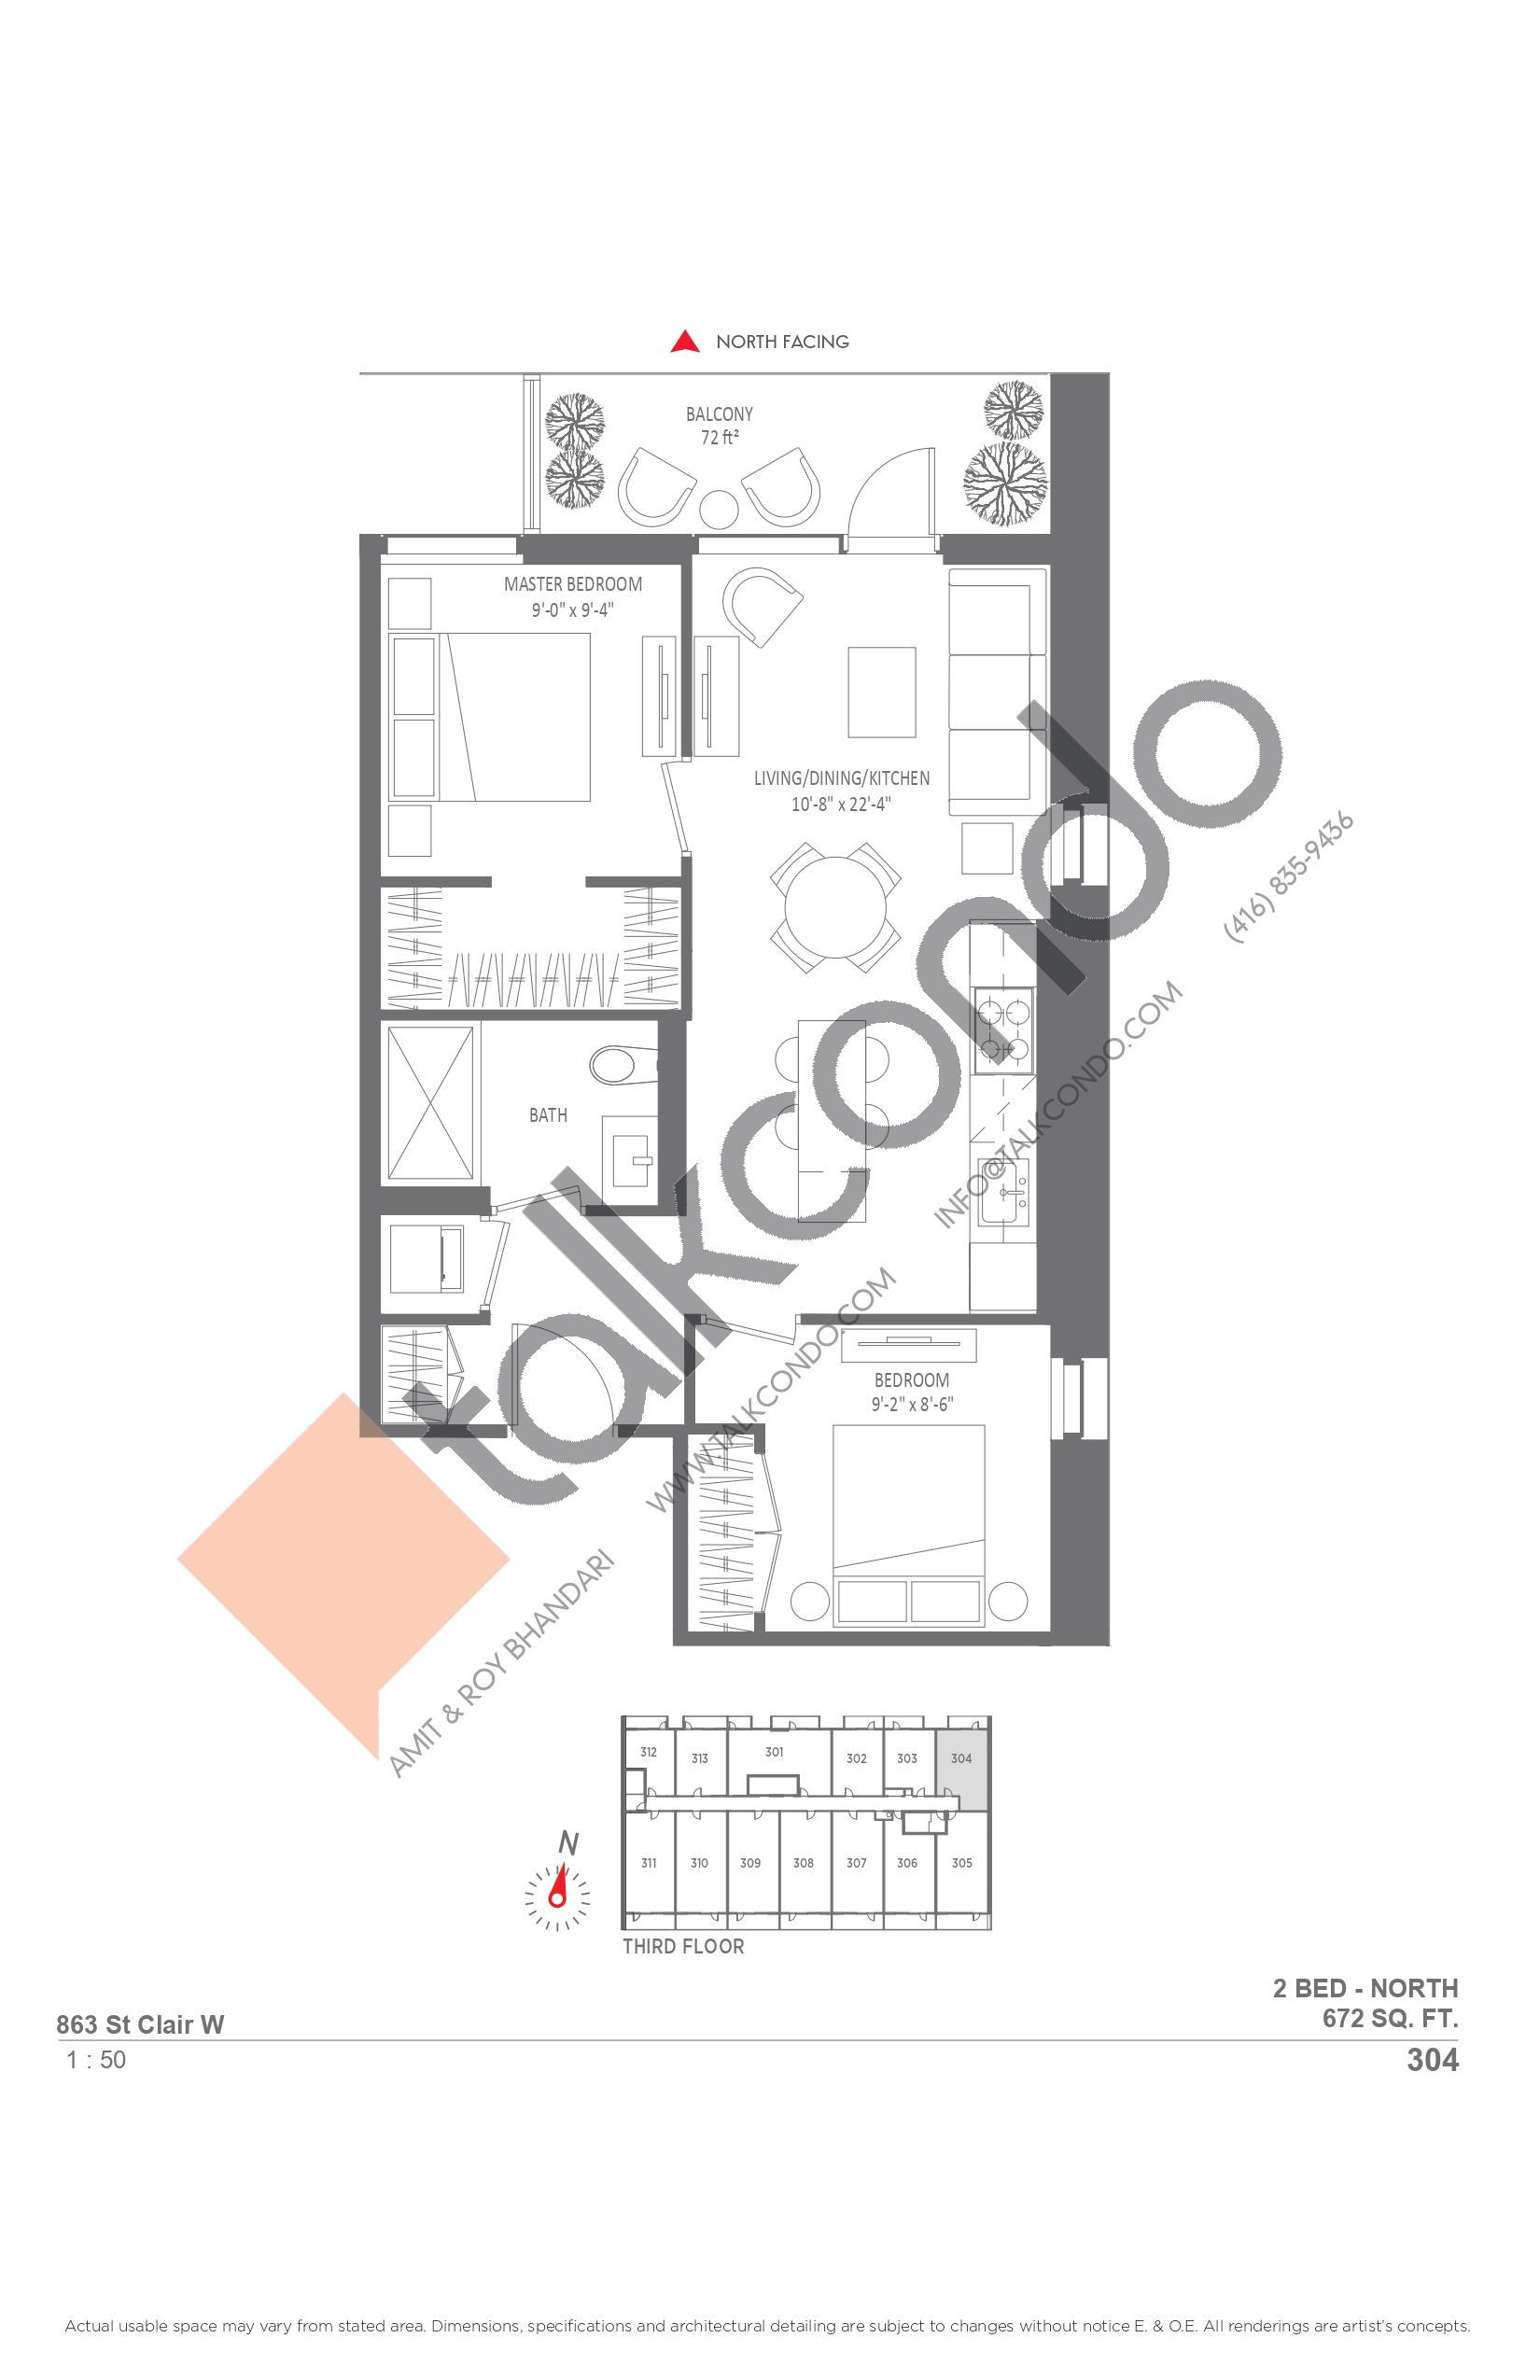 304 Floor Plan at Monza Condos - 672 sq.ft